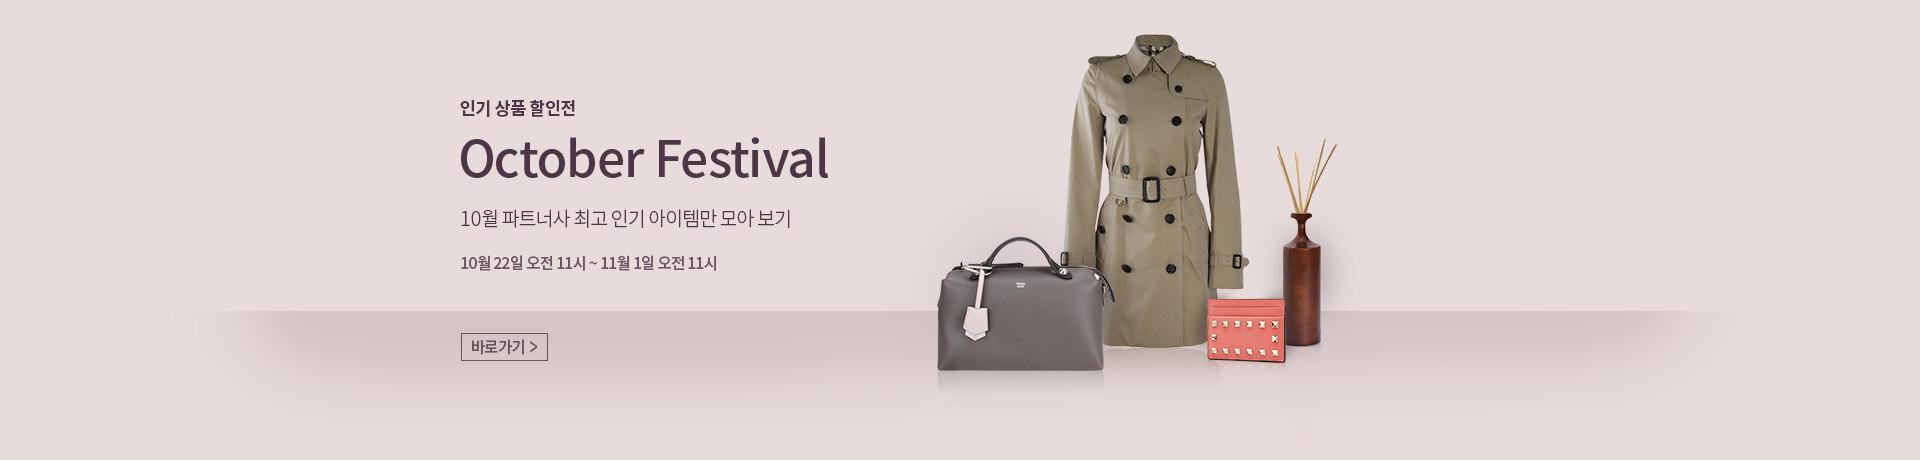 181022_sj_october-festival_partner_pc-_e7dbdb